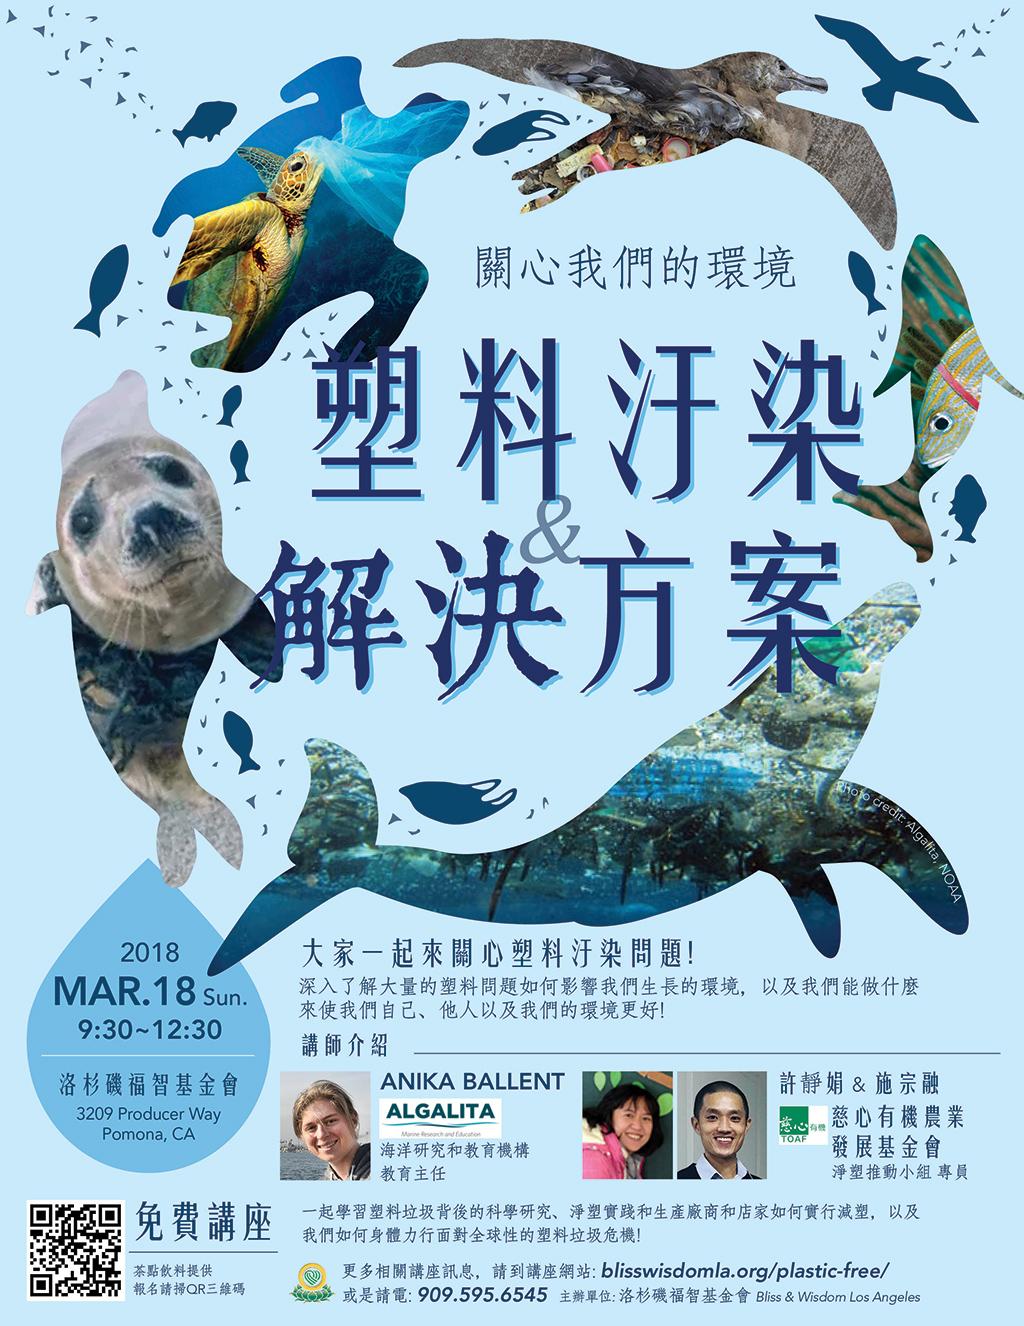 淨塑專題講座: 塑料污染與解決方案